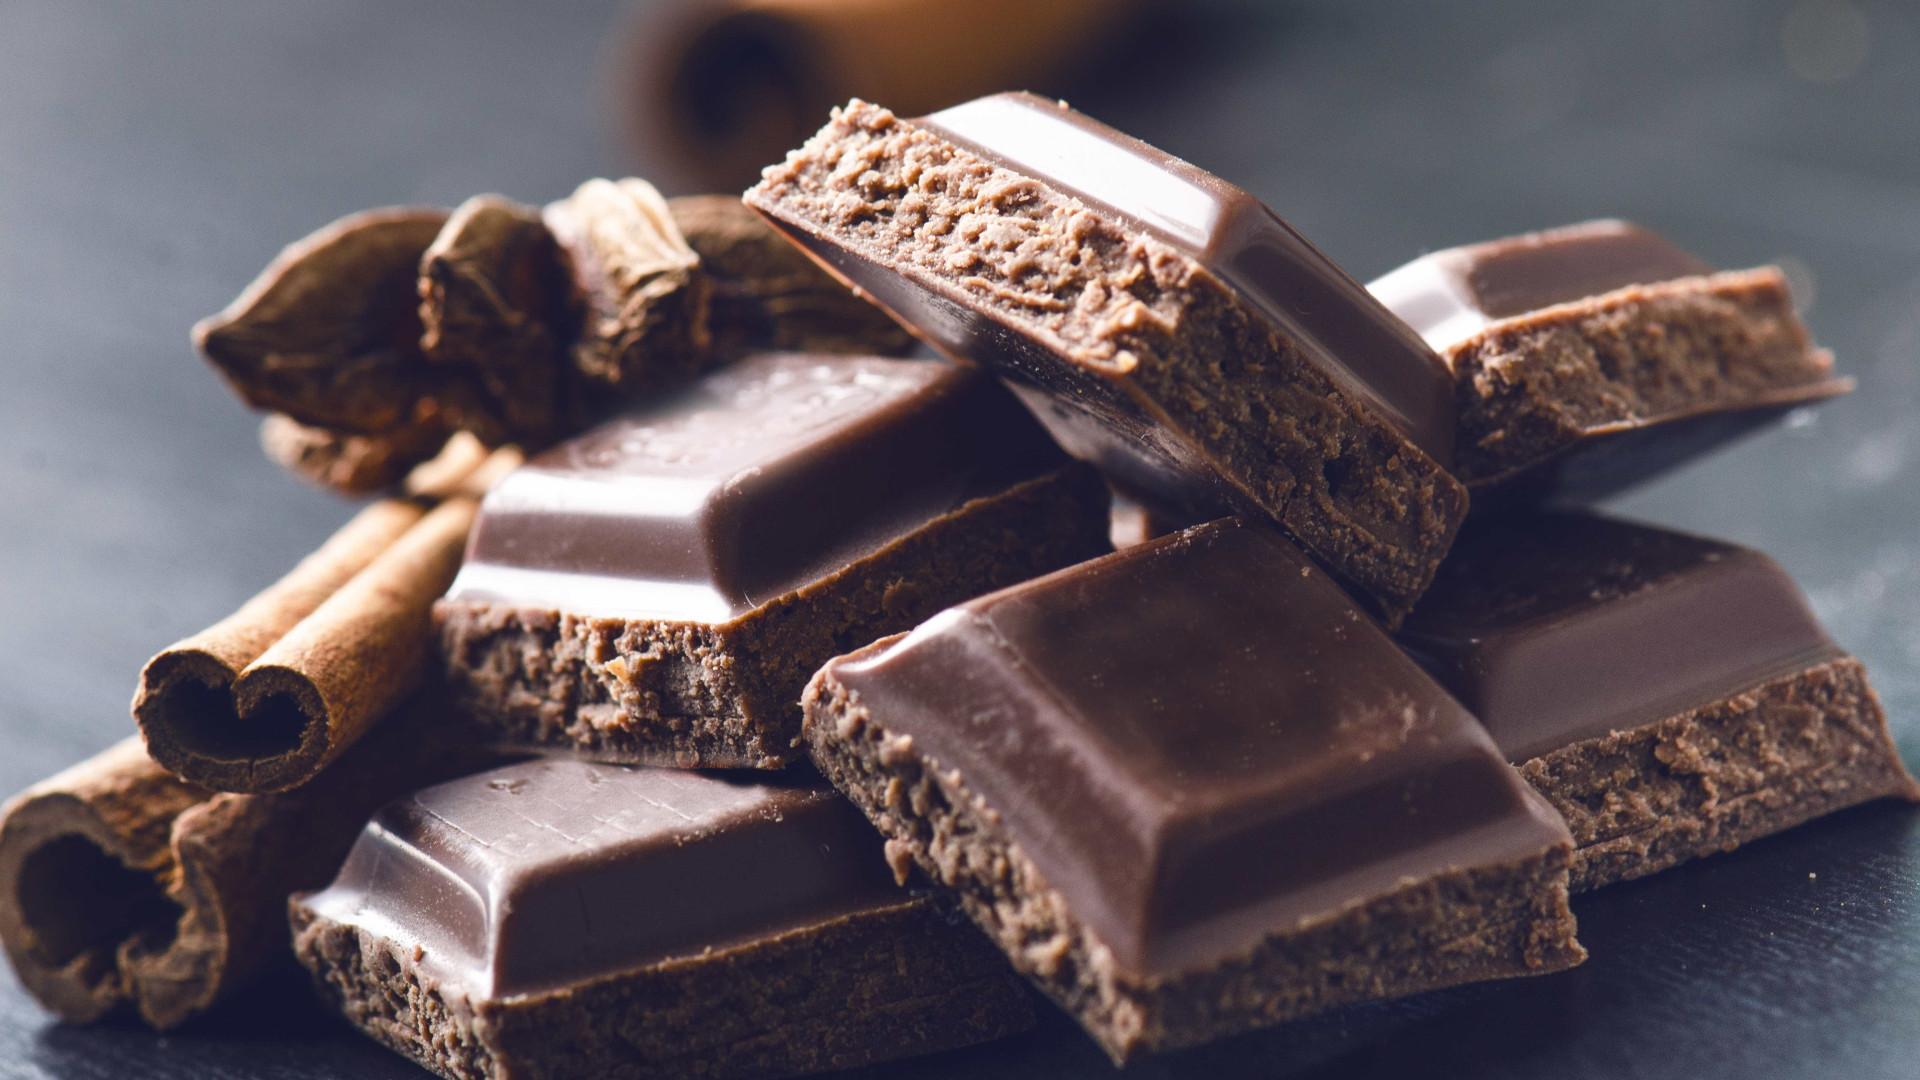 Royal Cocoa aposta na internacionalização após investimento de 2 milhões